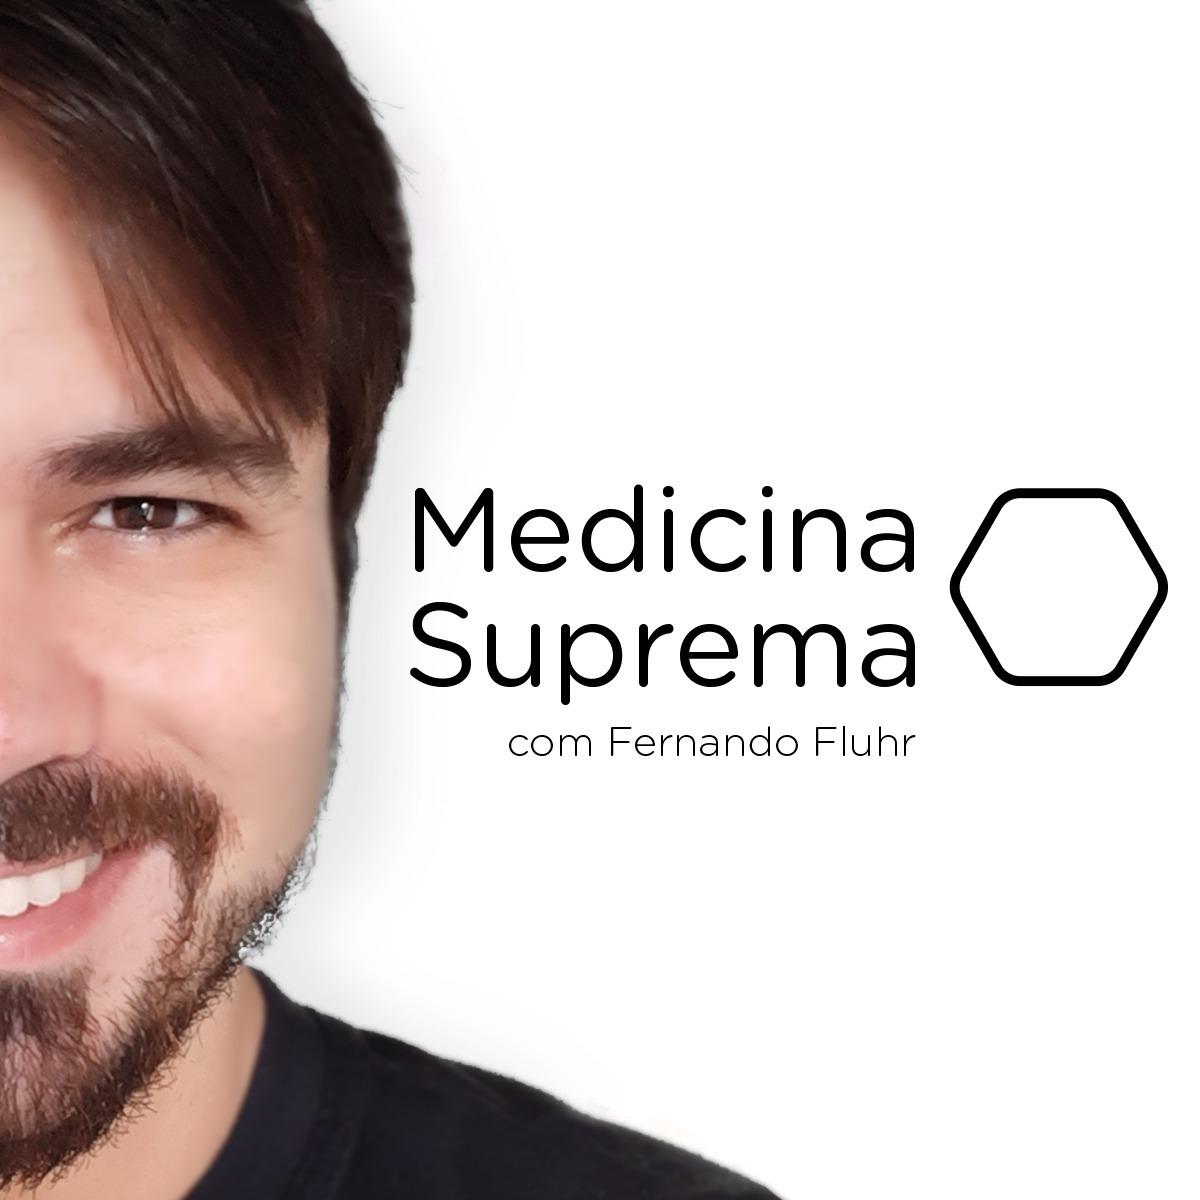 Medicina Suprema com Fernando Fluhr